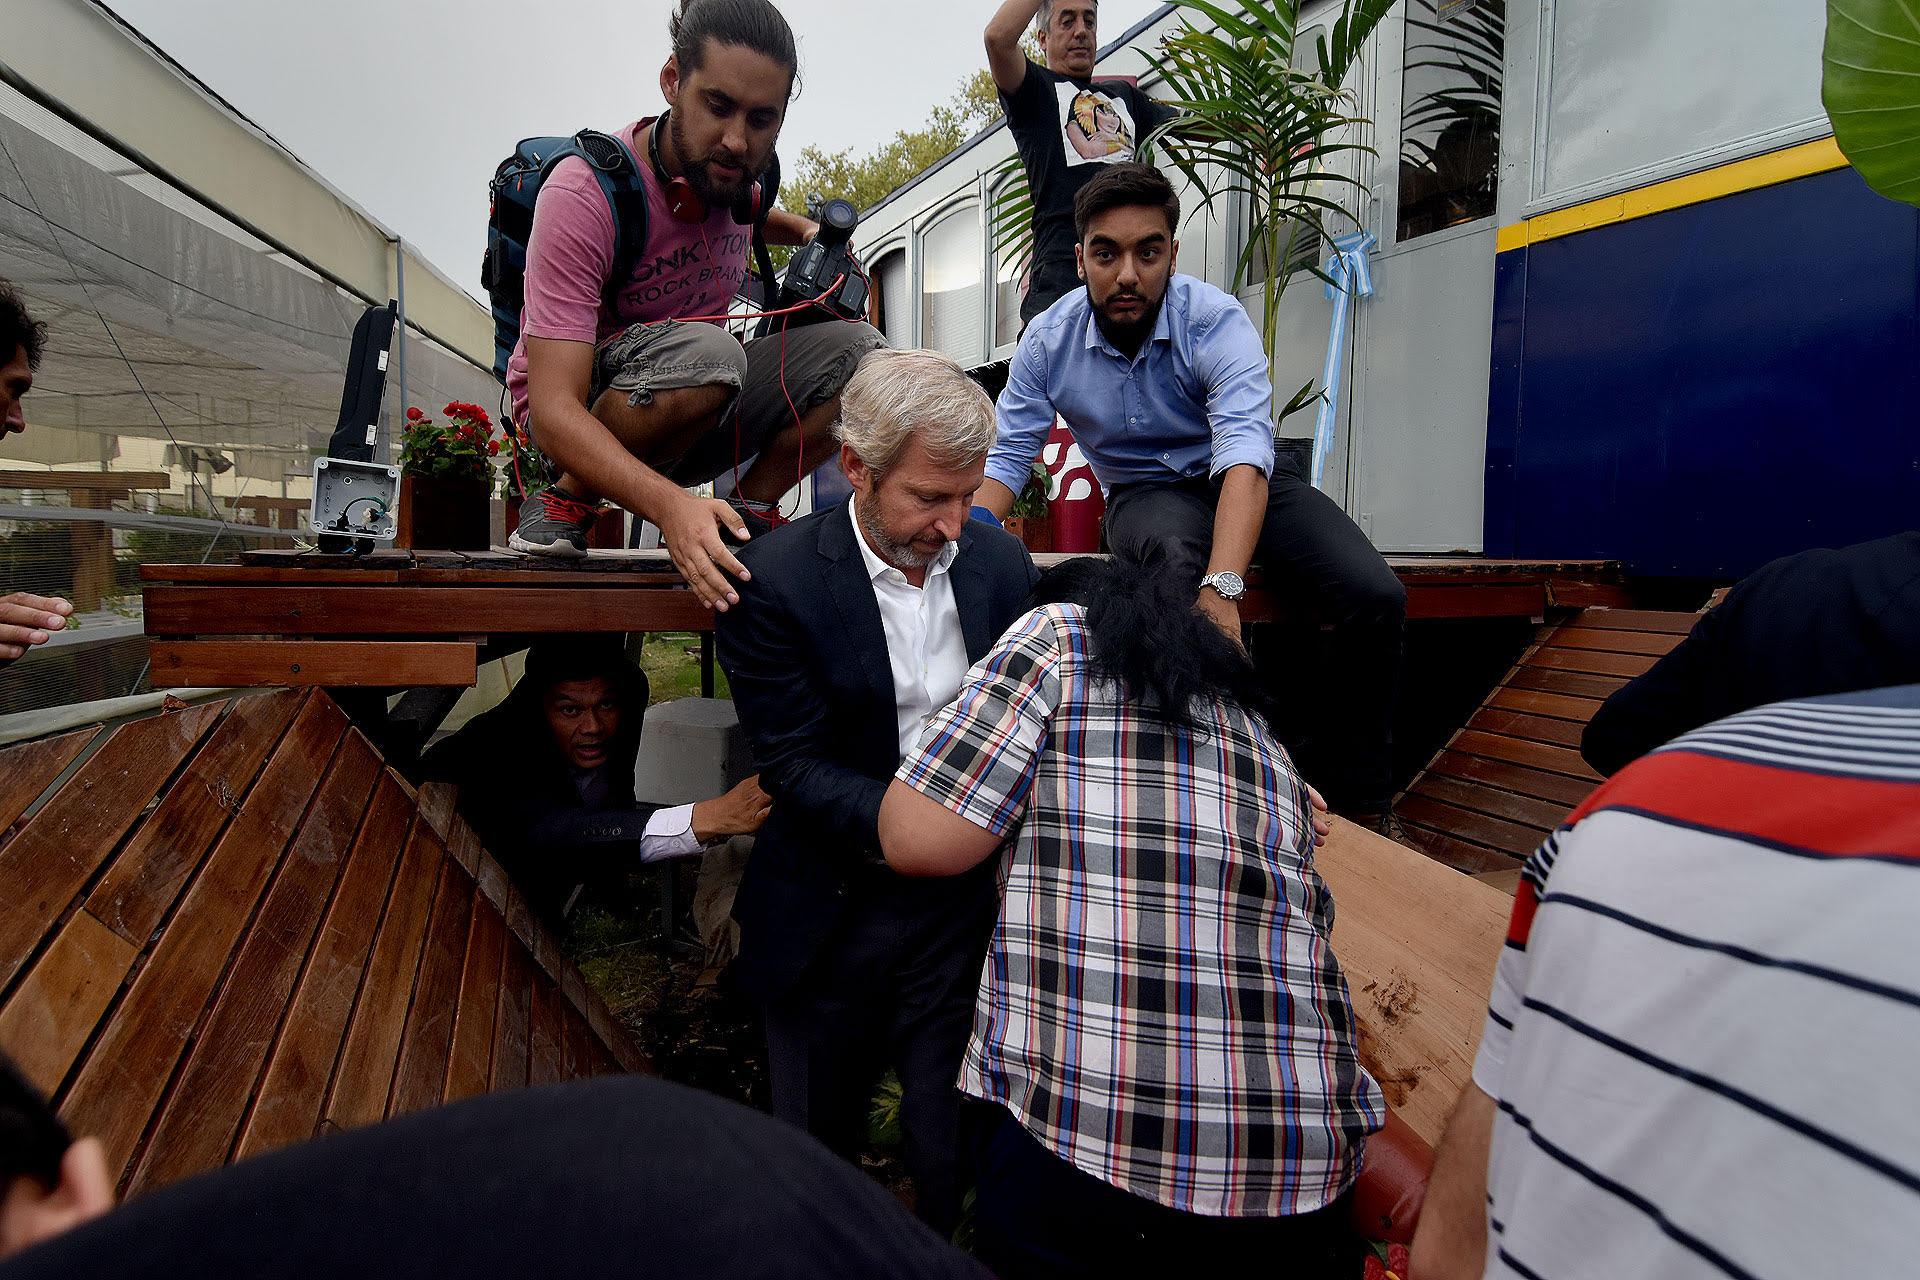 Durante la inauguración del restaurante de Margarita Barrientos se desplomó el piso. Del encuentro participaba el ministro del Interior, Rogelio Frigerio (Nicolás Stulberg)